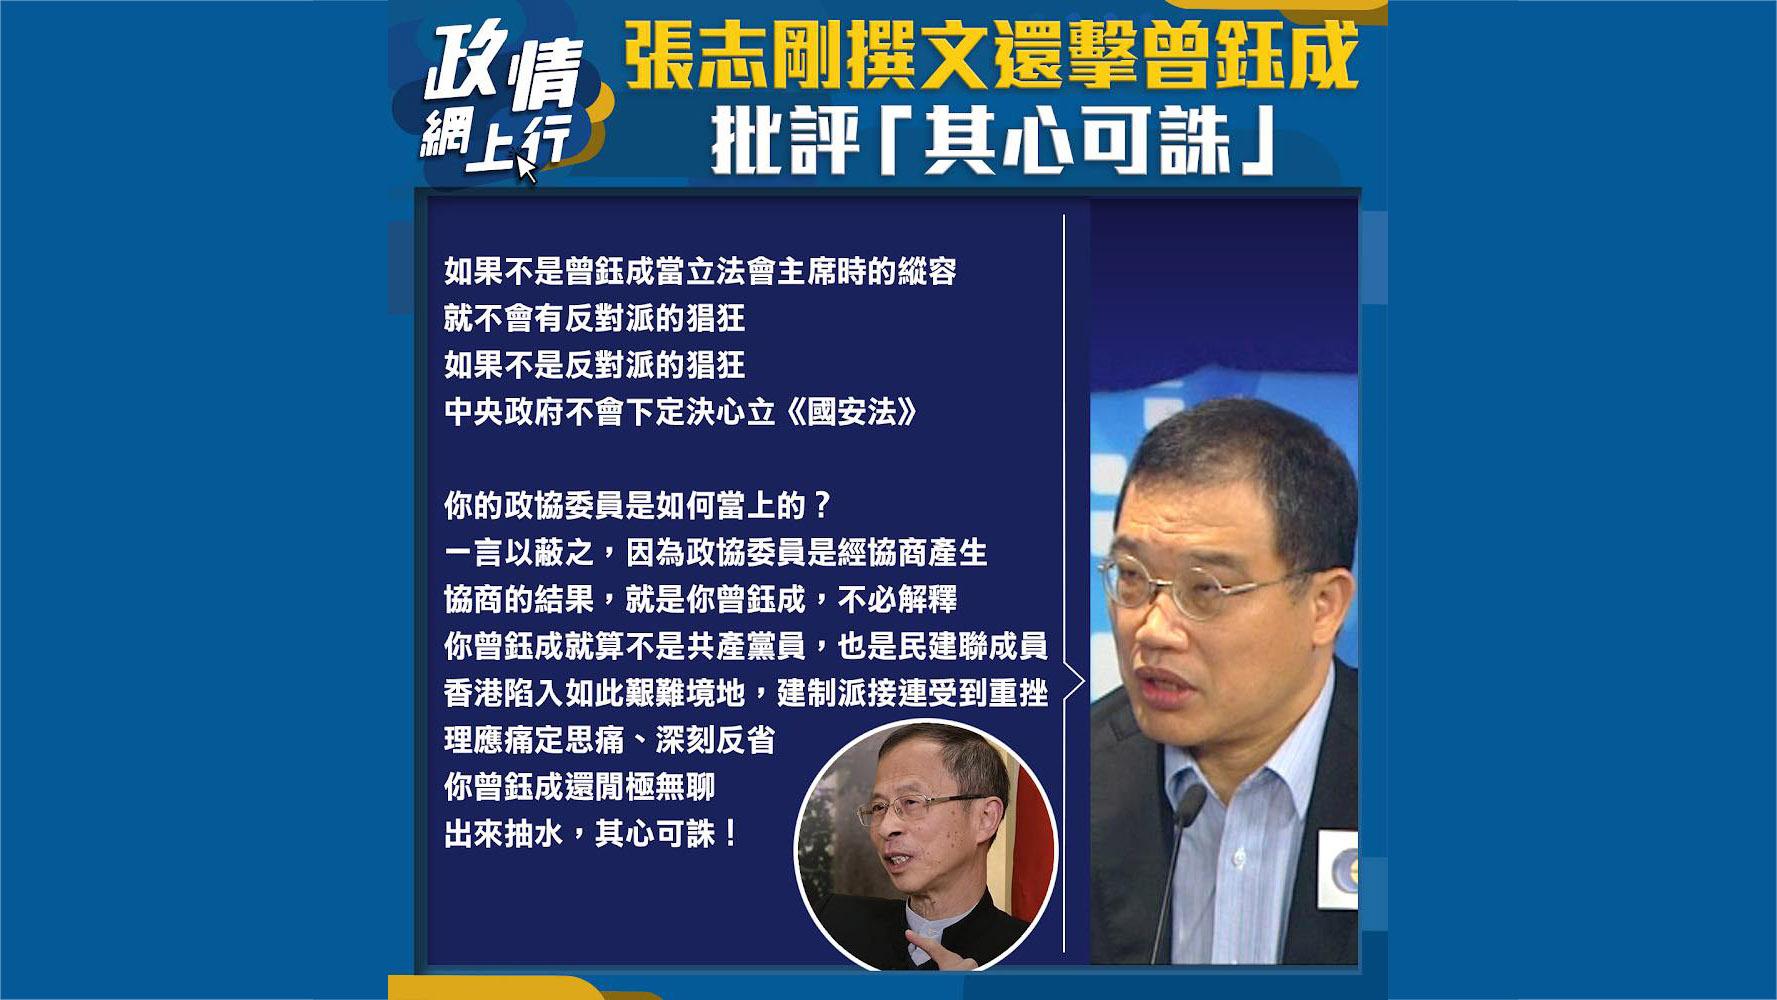 【政情網上行】張志剛撰文還擊曾鈺成 批評「其心可誅」